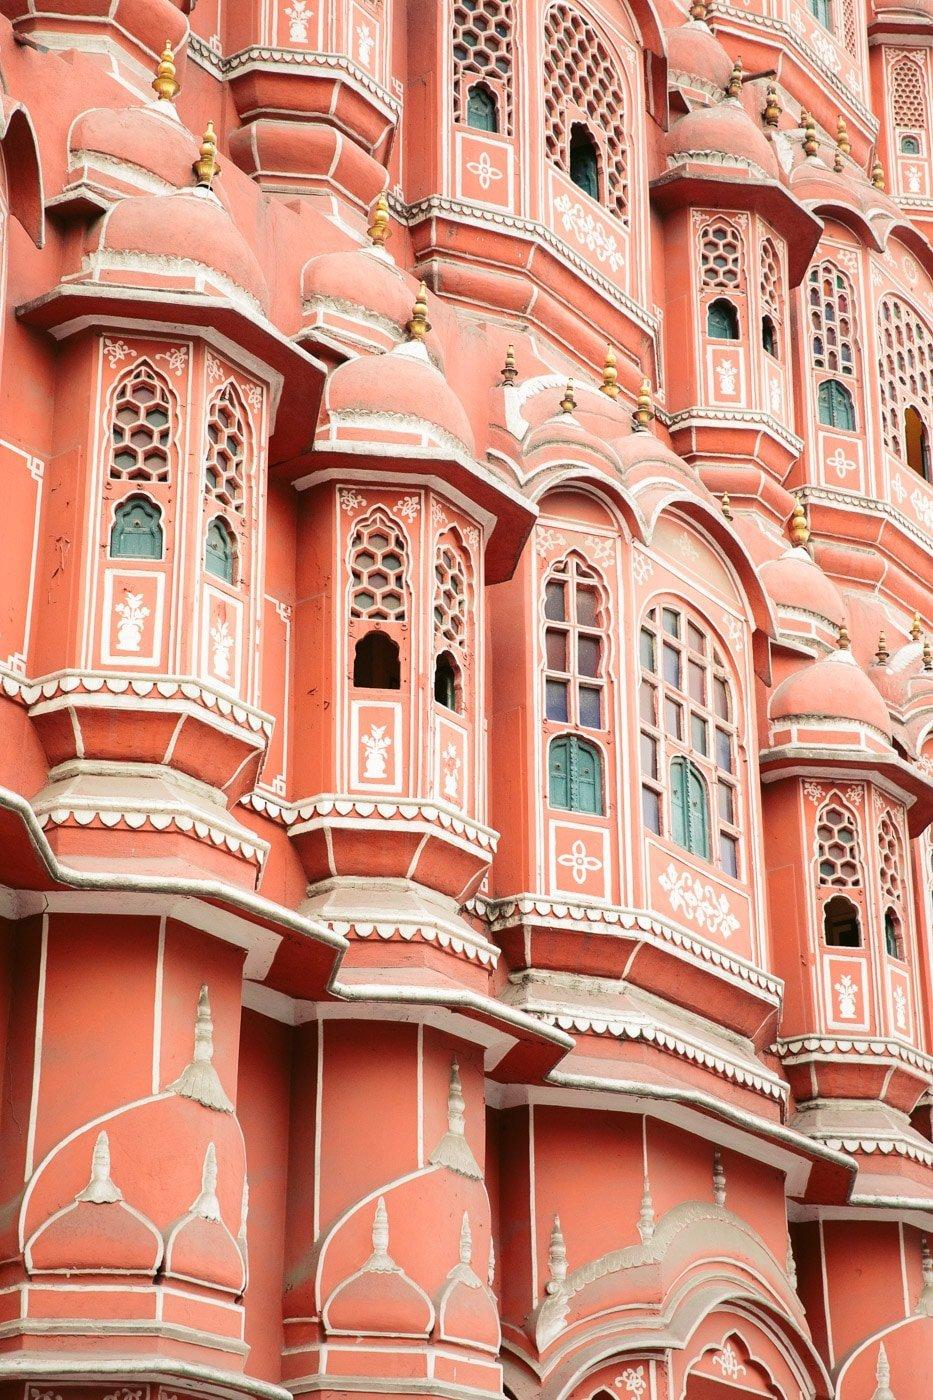 HAWA MAHAL PALACE IN JAIPUR INDIA